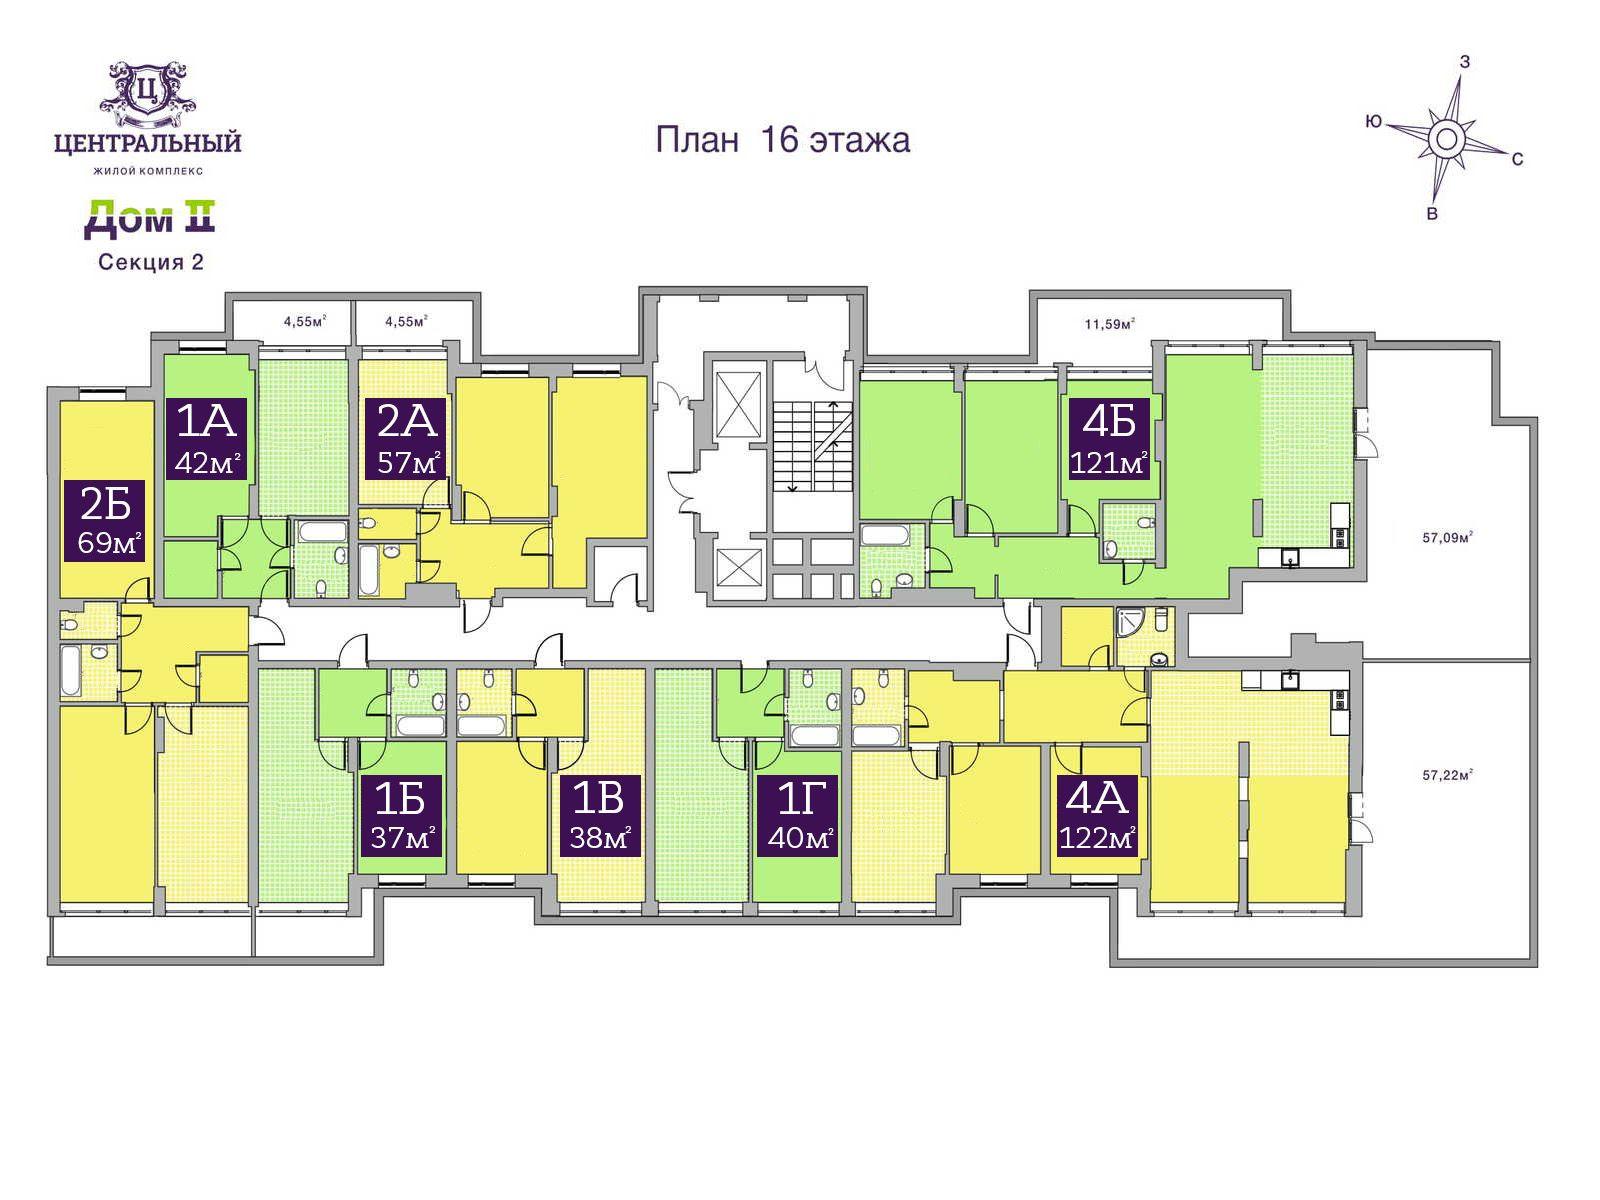 Дом 2. Секция 2. 16 этаж